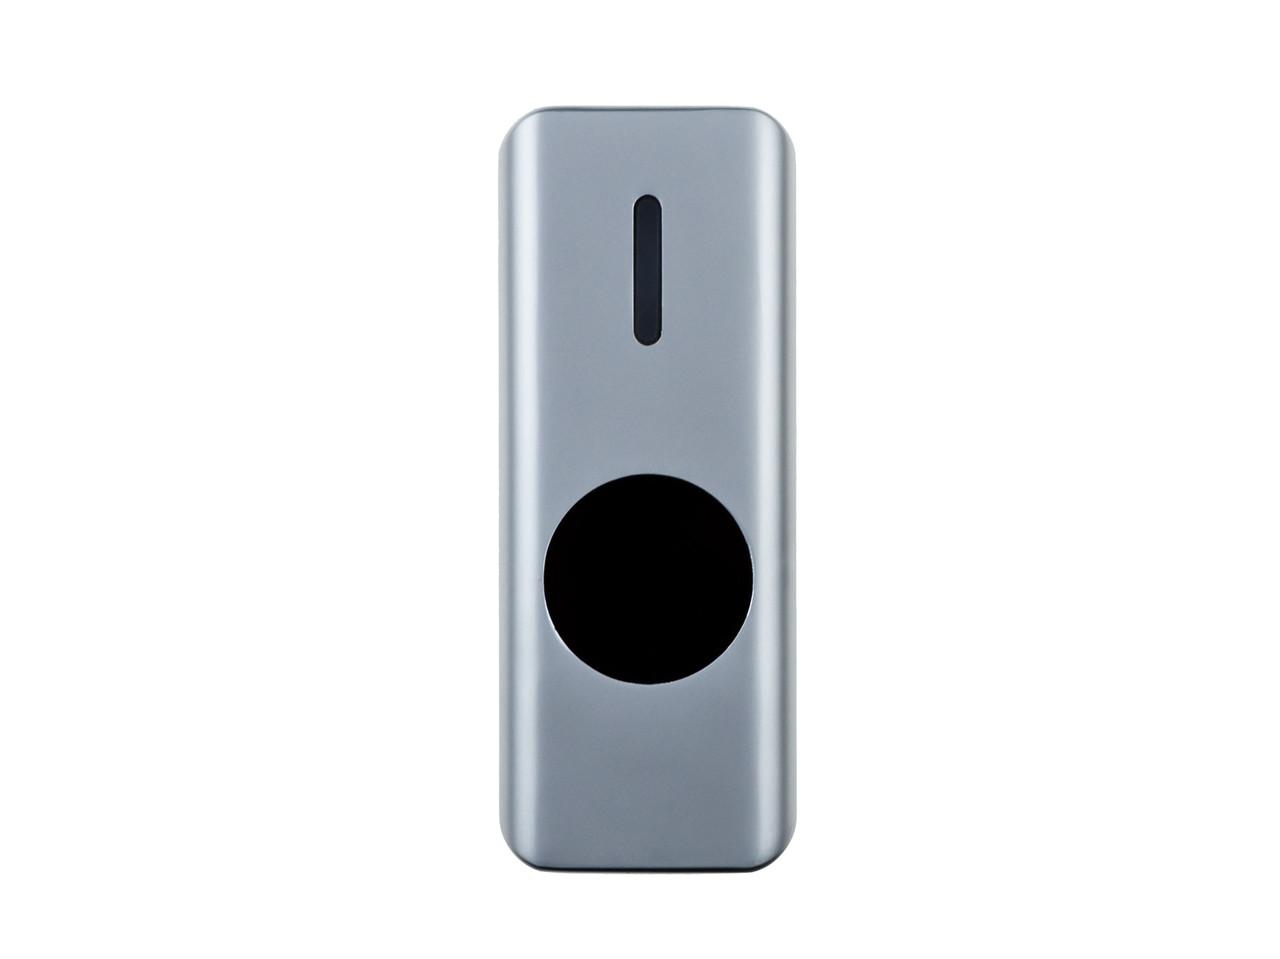 Кнопка выхода бесконтактная металлическая уличная накладная SEVEN K-7497NDW